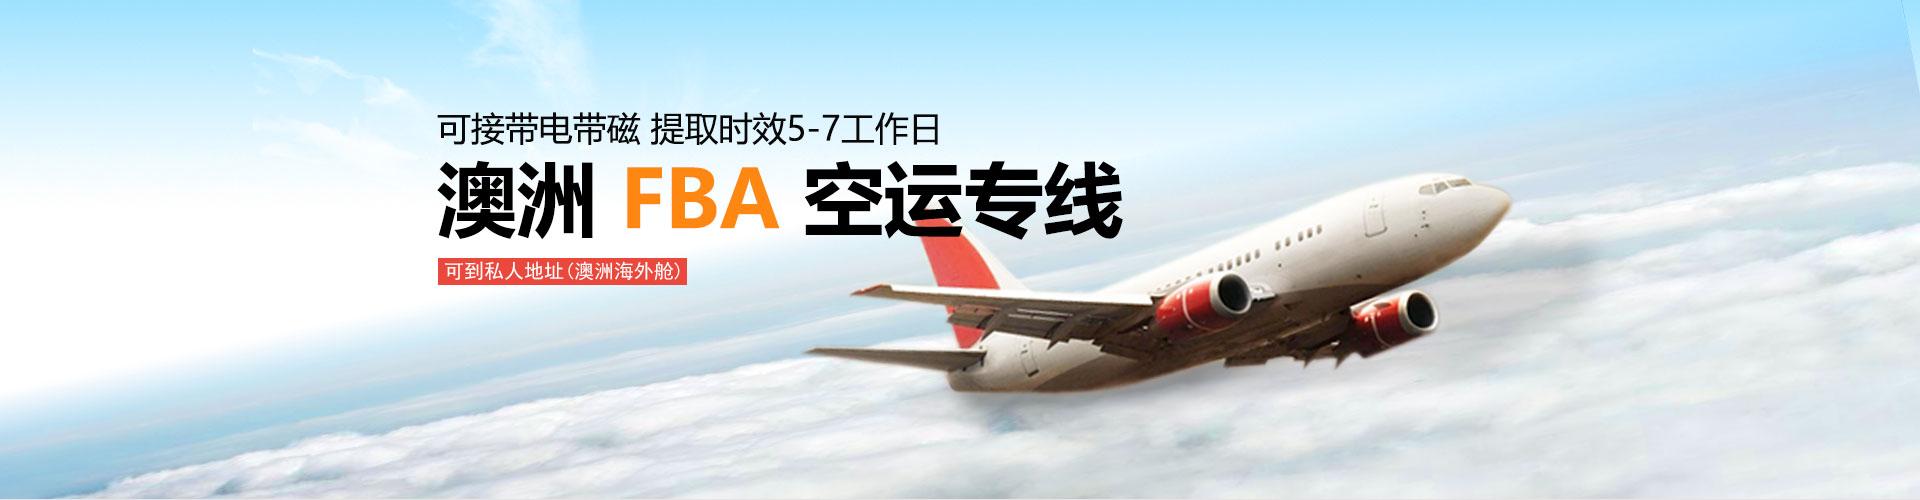 澳洲FBA空运专线